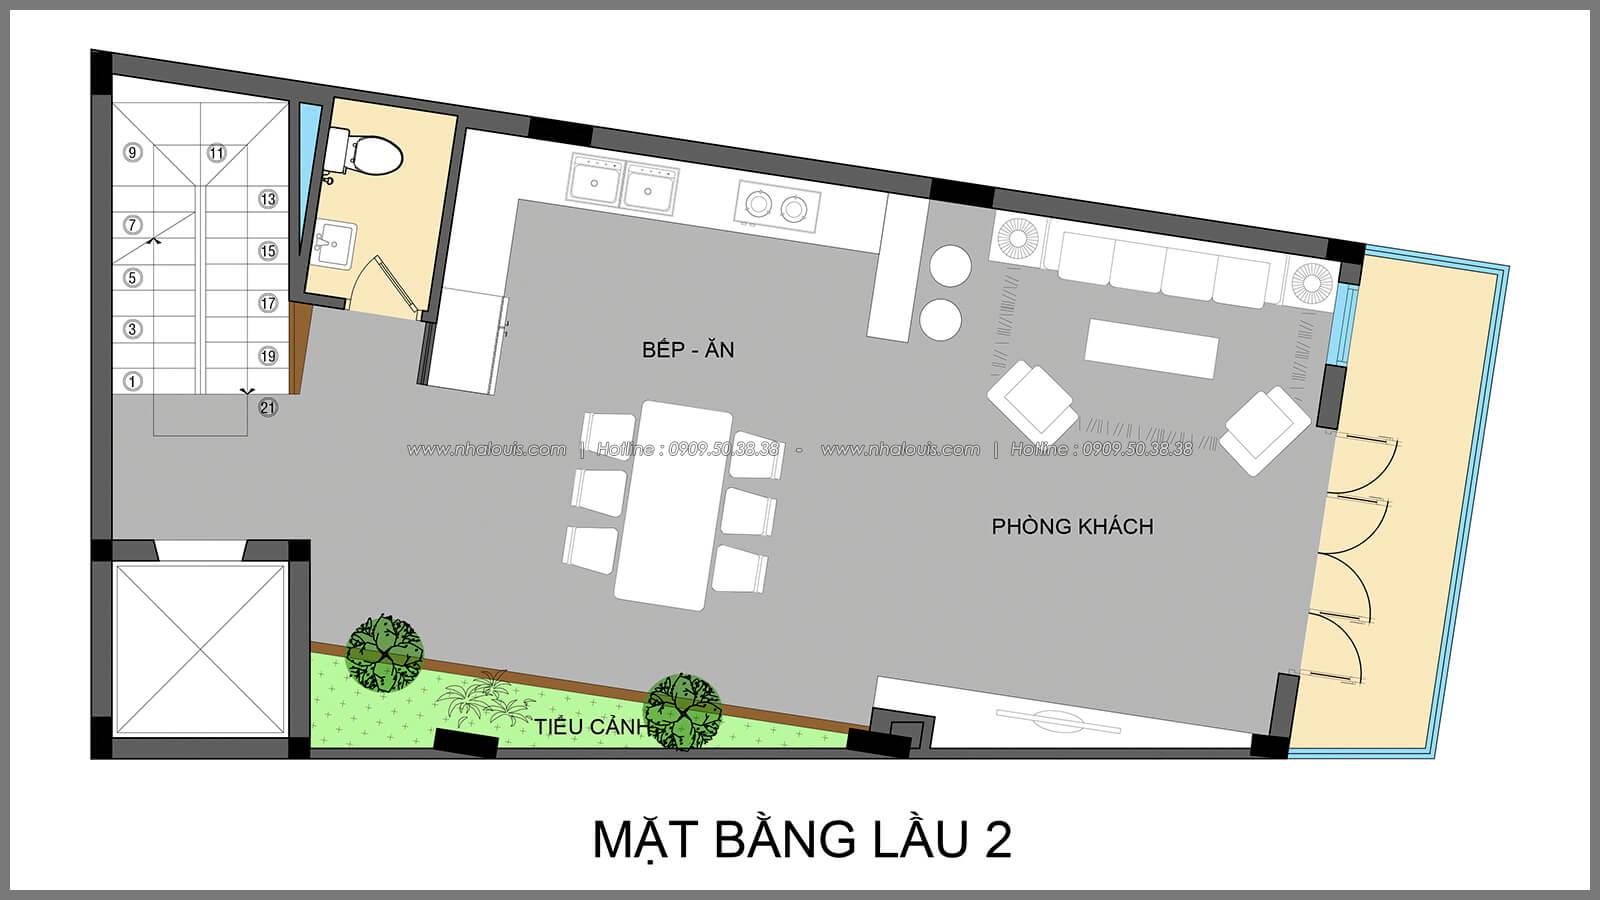 Mặt bằng lầu 2 thiết kế nhà có tầng hầm của chị Lan tại Quận 1 - 6